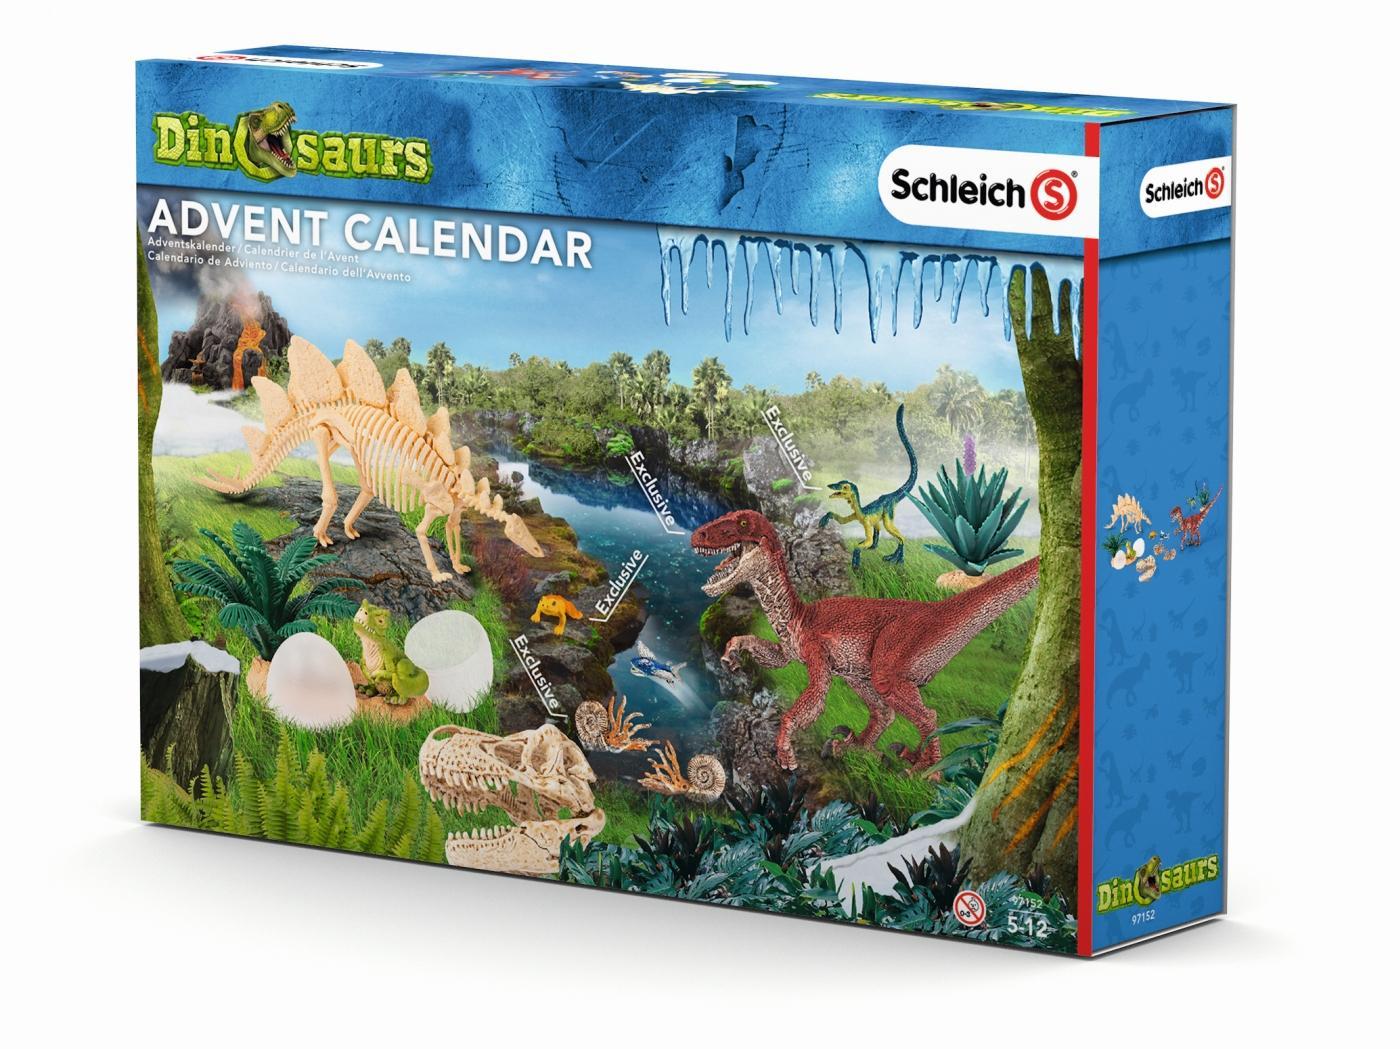 Schleich Weihnachtskalender.Schleich Advent Calendar Dinosaur 2016 97152